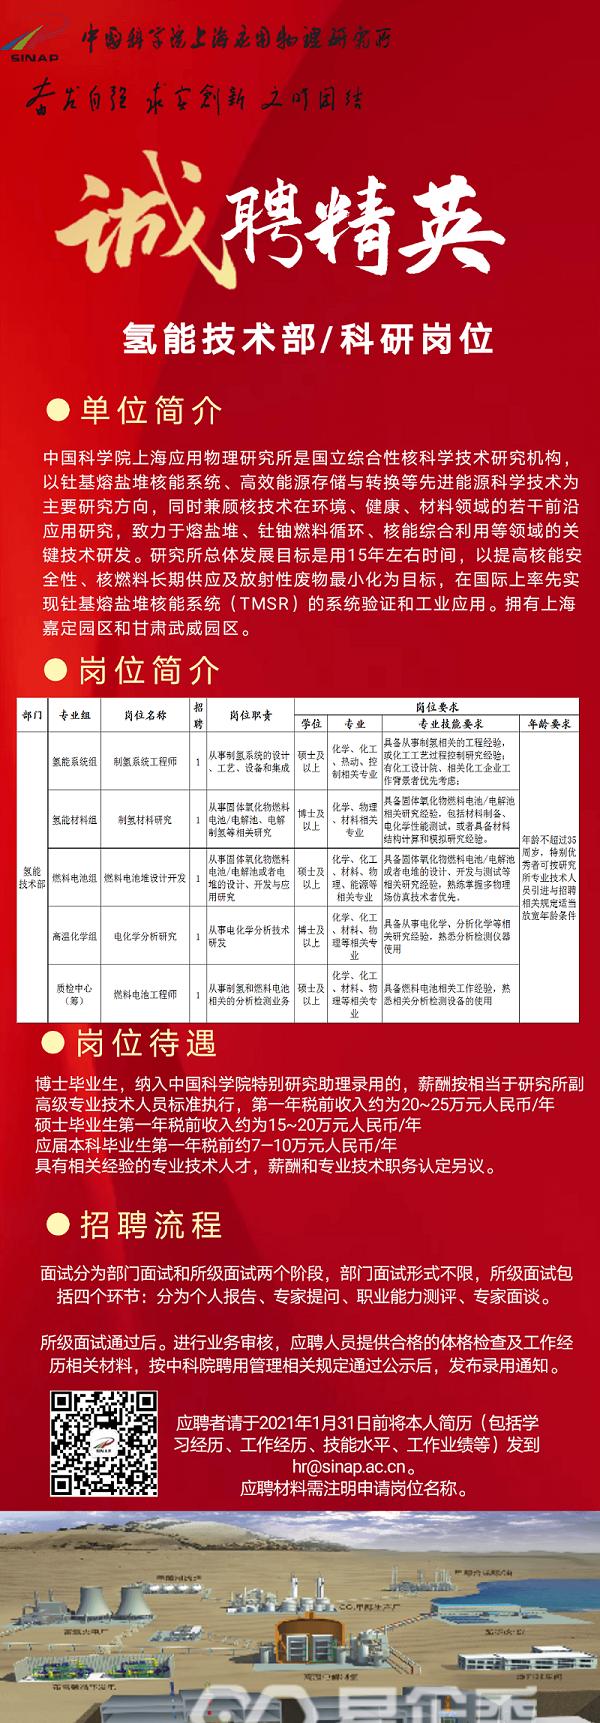 中国科学院上海应用物理研究所氢能技术部岗位招聘启事